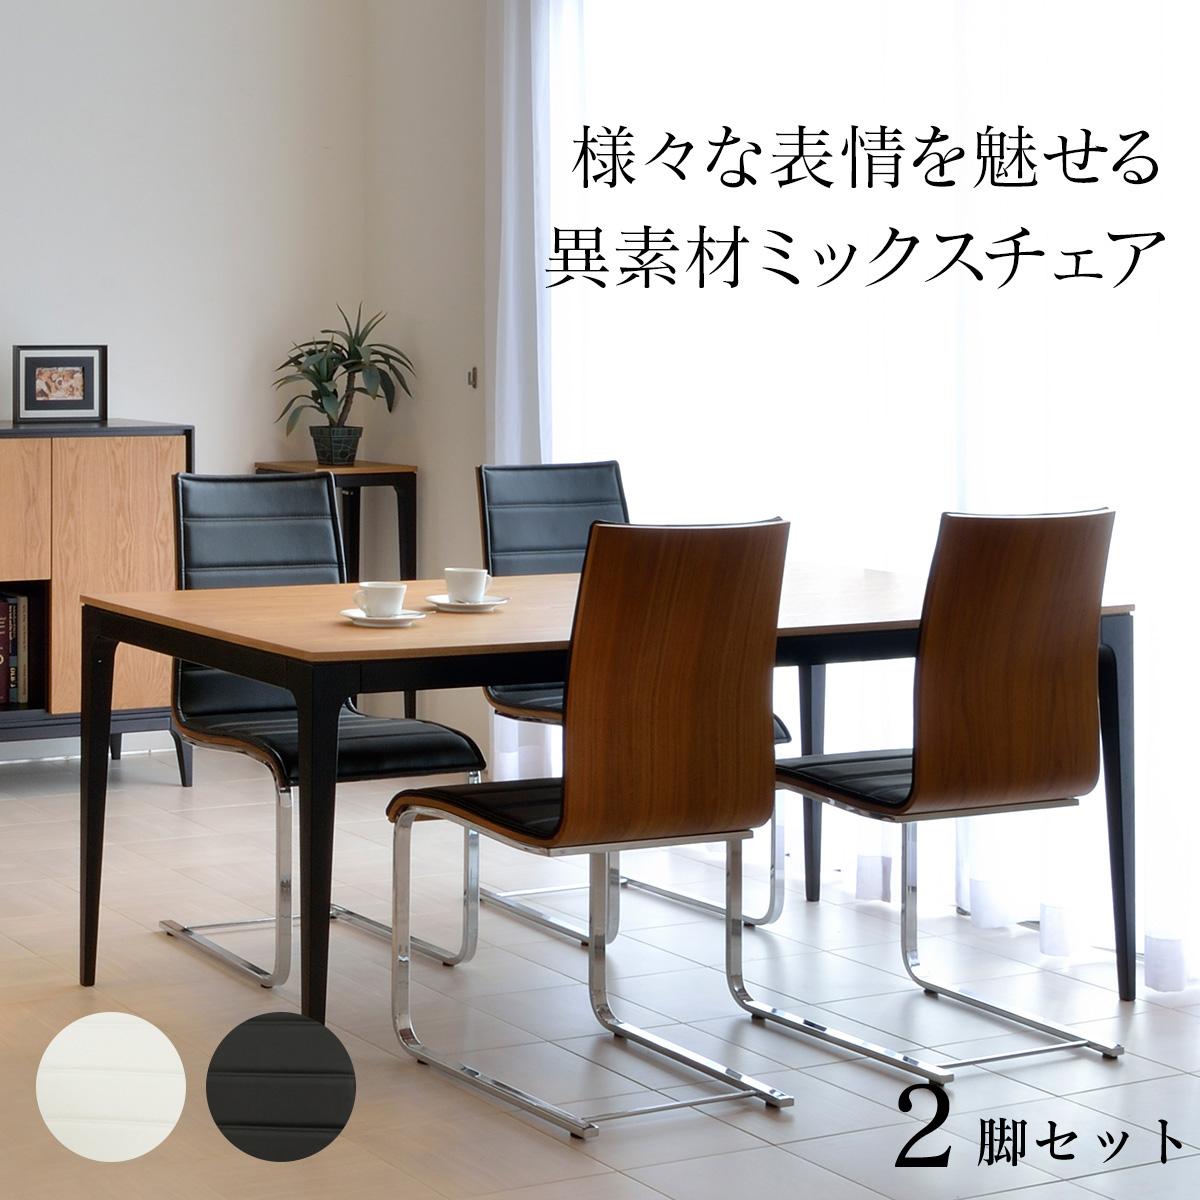 異素材のハーモニーとキャンチレバーデザイン ダイニングチェア 2脚セット おしゃれ 椅子 いす イス チェアー ホワイト ブラック 幅45.5cm キャンチレバー 新作からSALEアイテム等お得な商品 満載 シンプル 家具 クラスティーナ 訳あり モダン 完成品 ウォールナット ダイニング 北欧 異素材ミックス 3年保証 インテリア